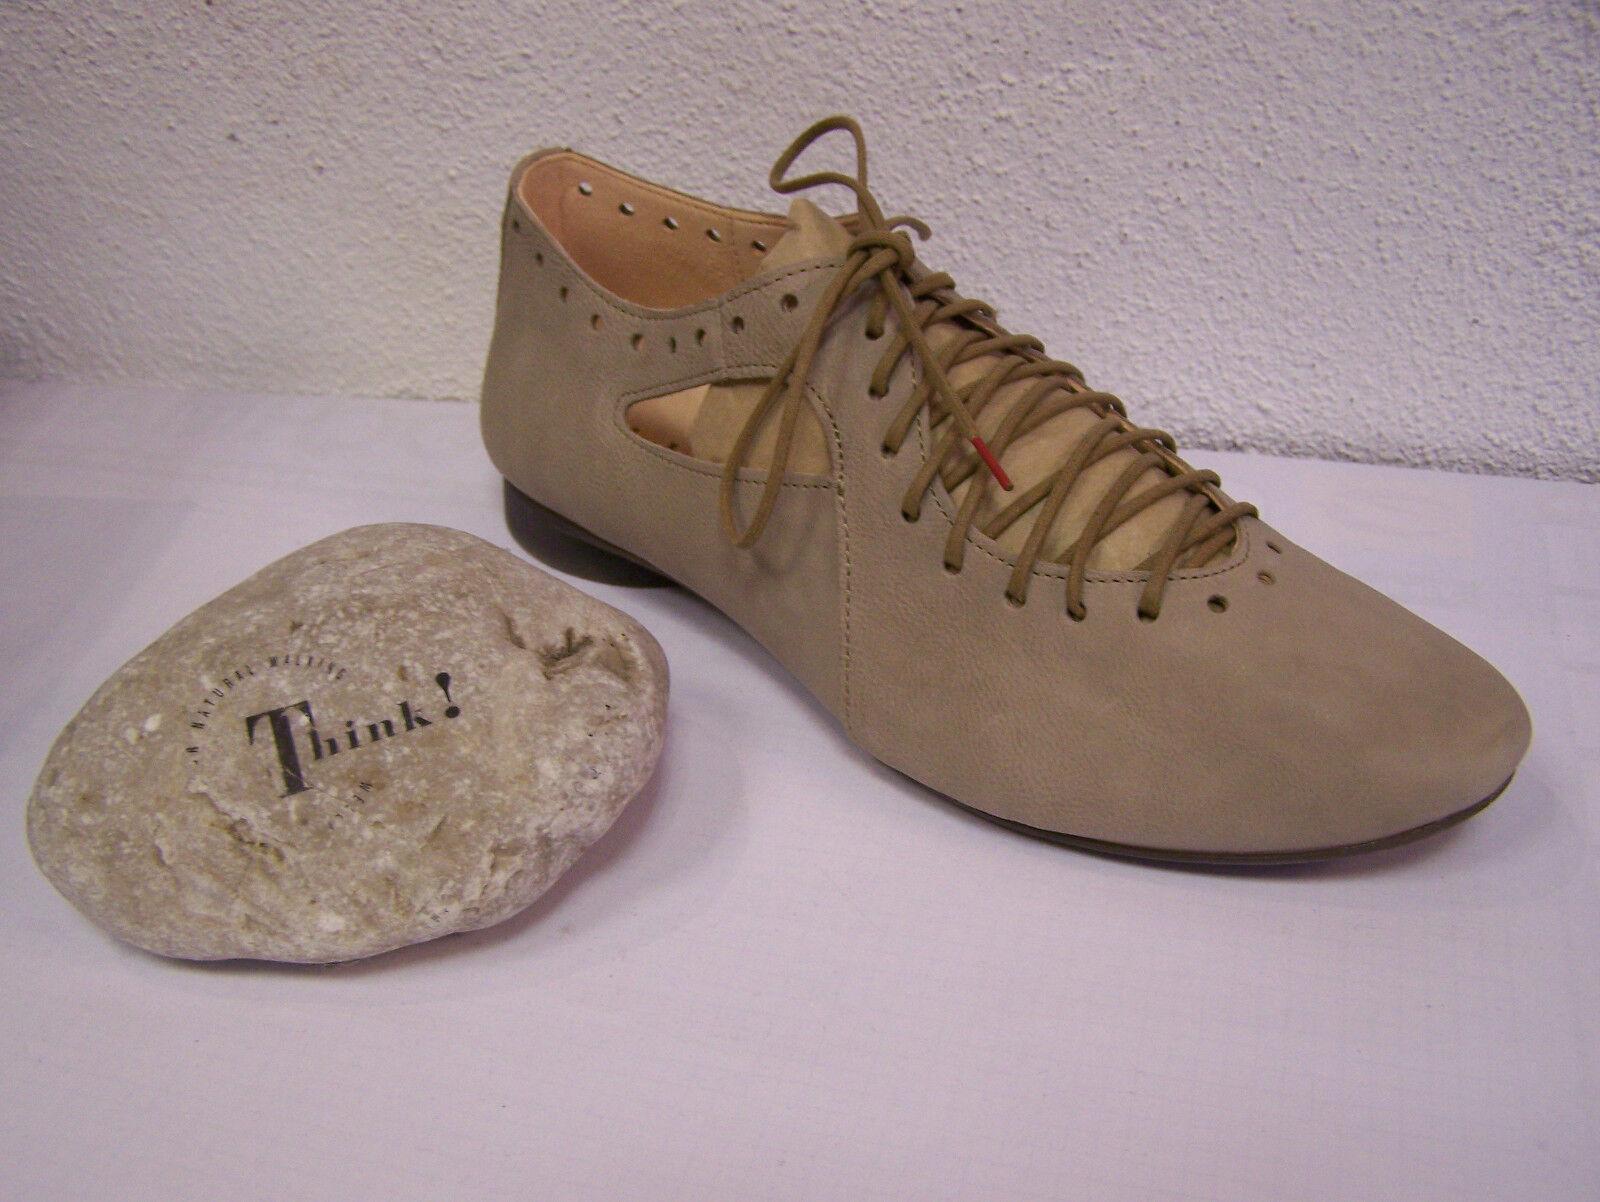 Think  Chaussures Modèle Guad Lacets jute Texano Calf avec changement Semelle Intérieure & sachet